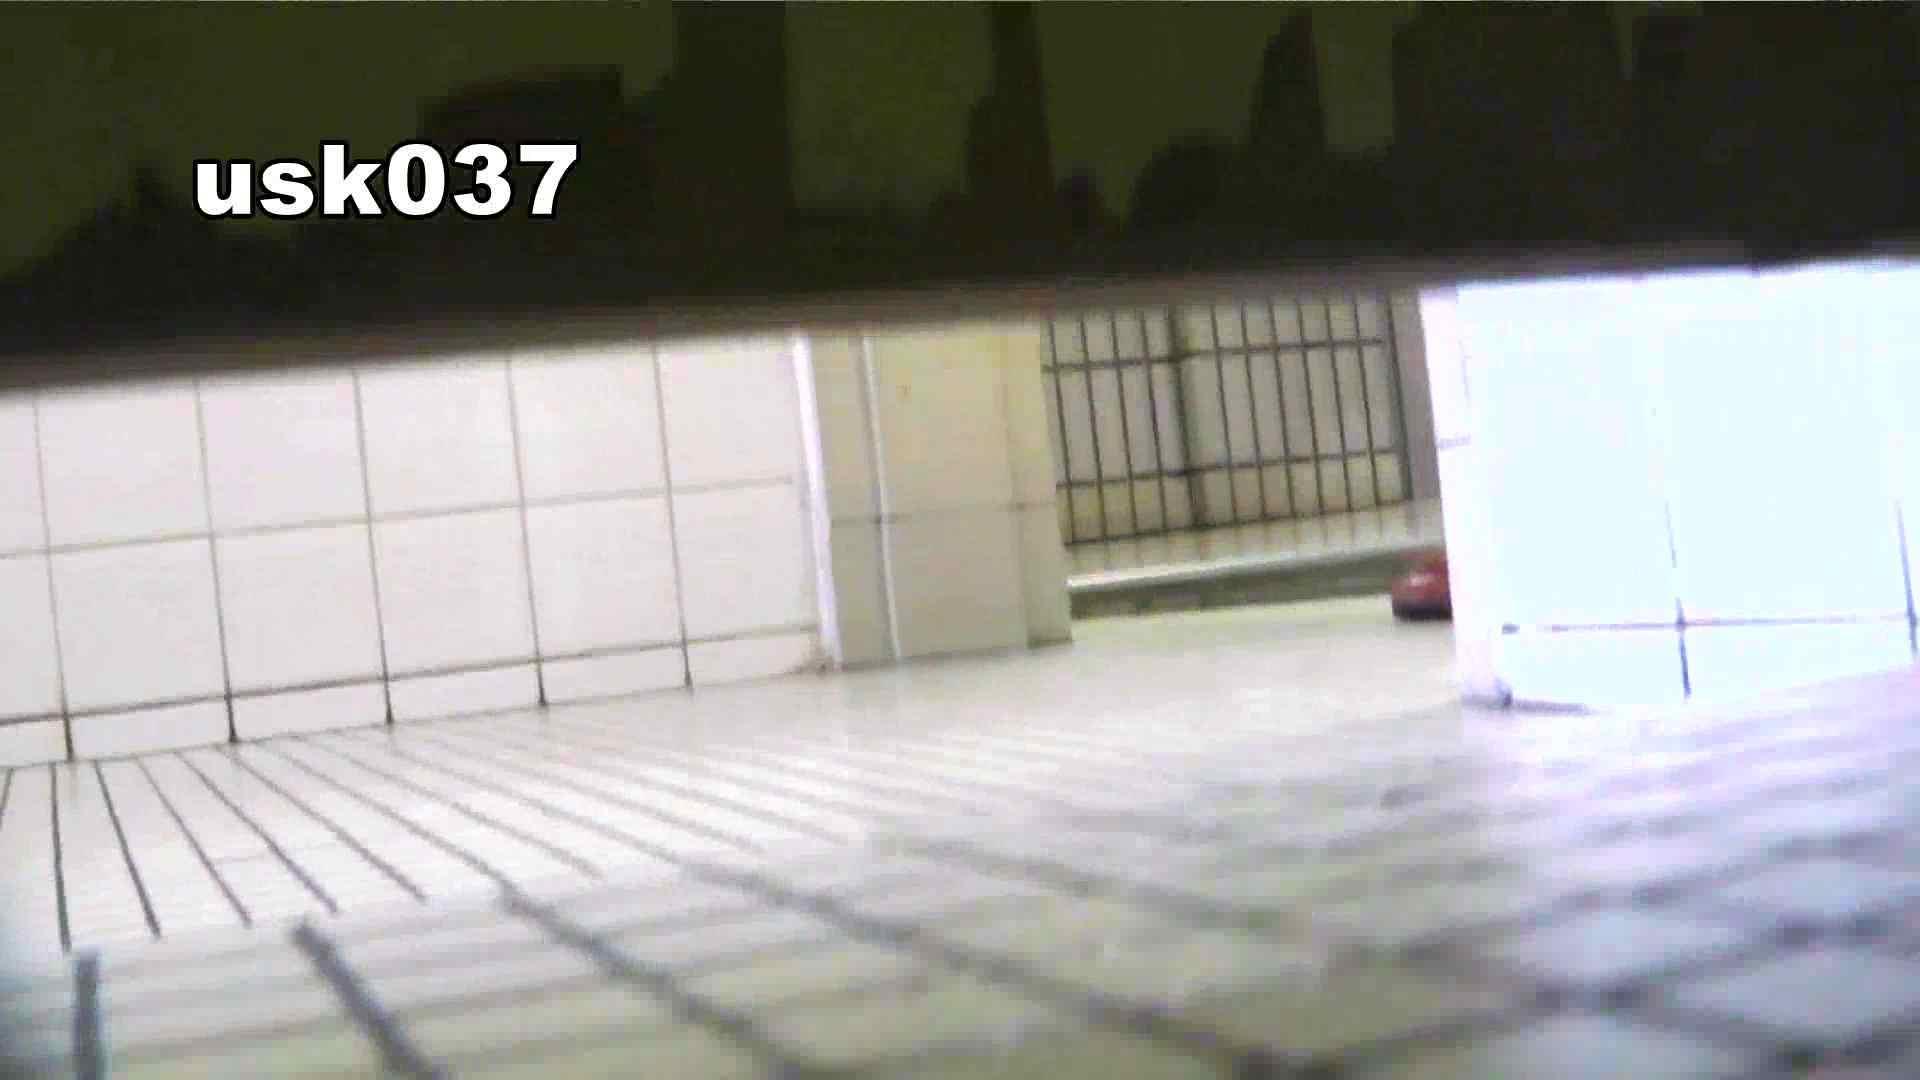 【美しき個室な世界】 vol.037 ひねり出す様子(フトイです) 洗面所  73PIX 64